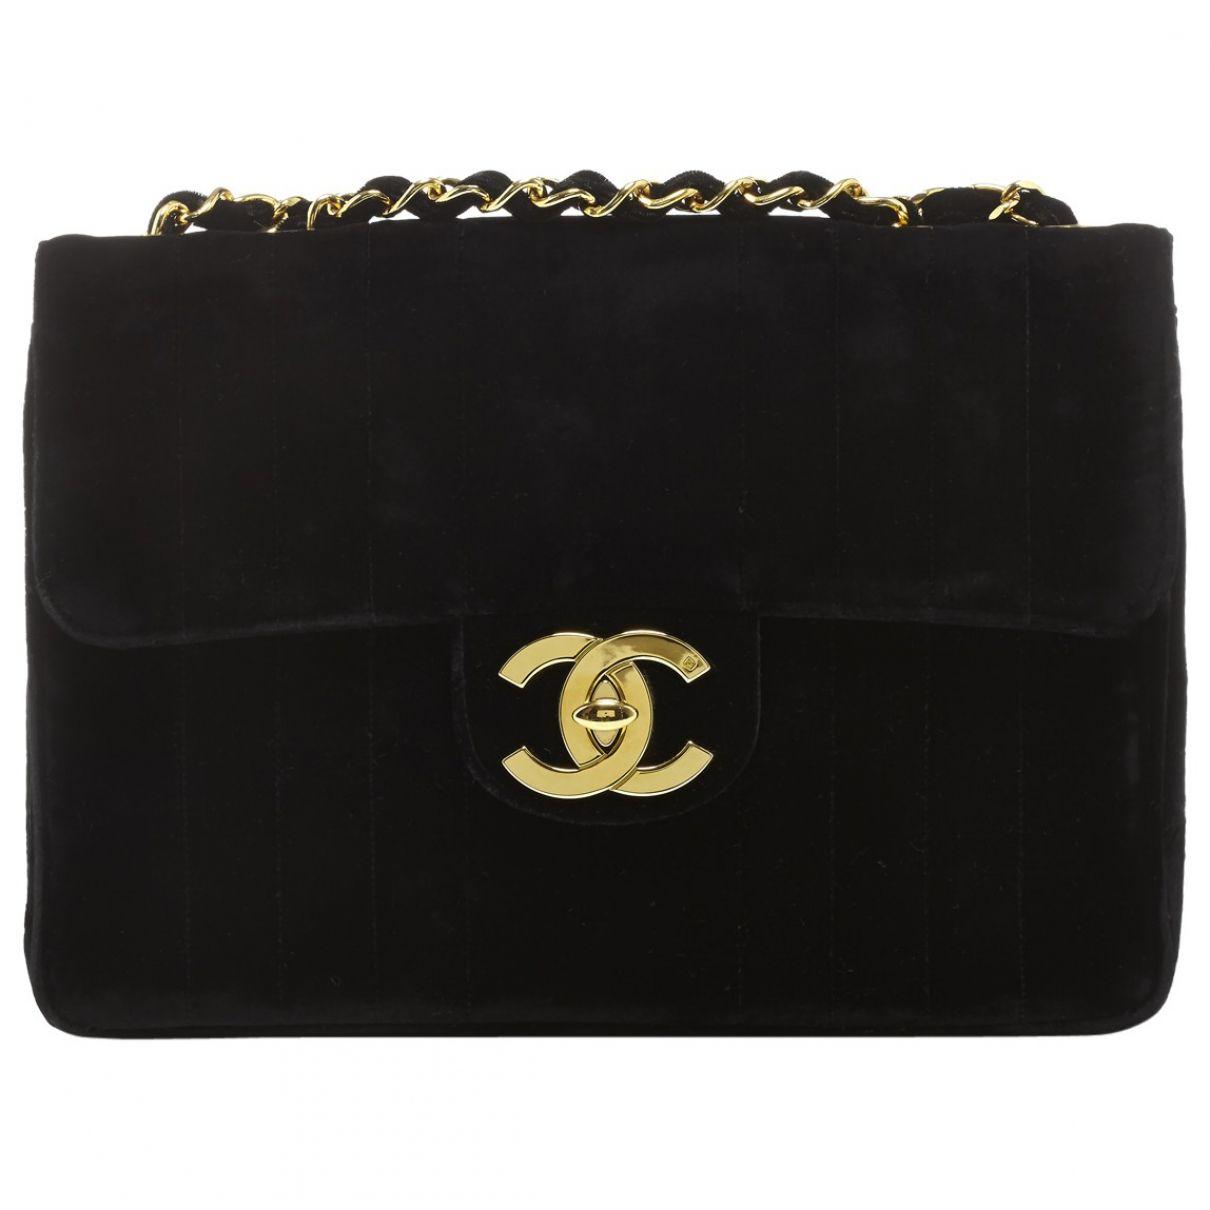 Chanel Black Velvet Handbag Timeless  fa0cabf13b099